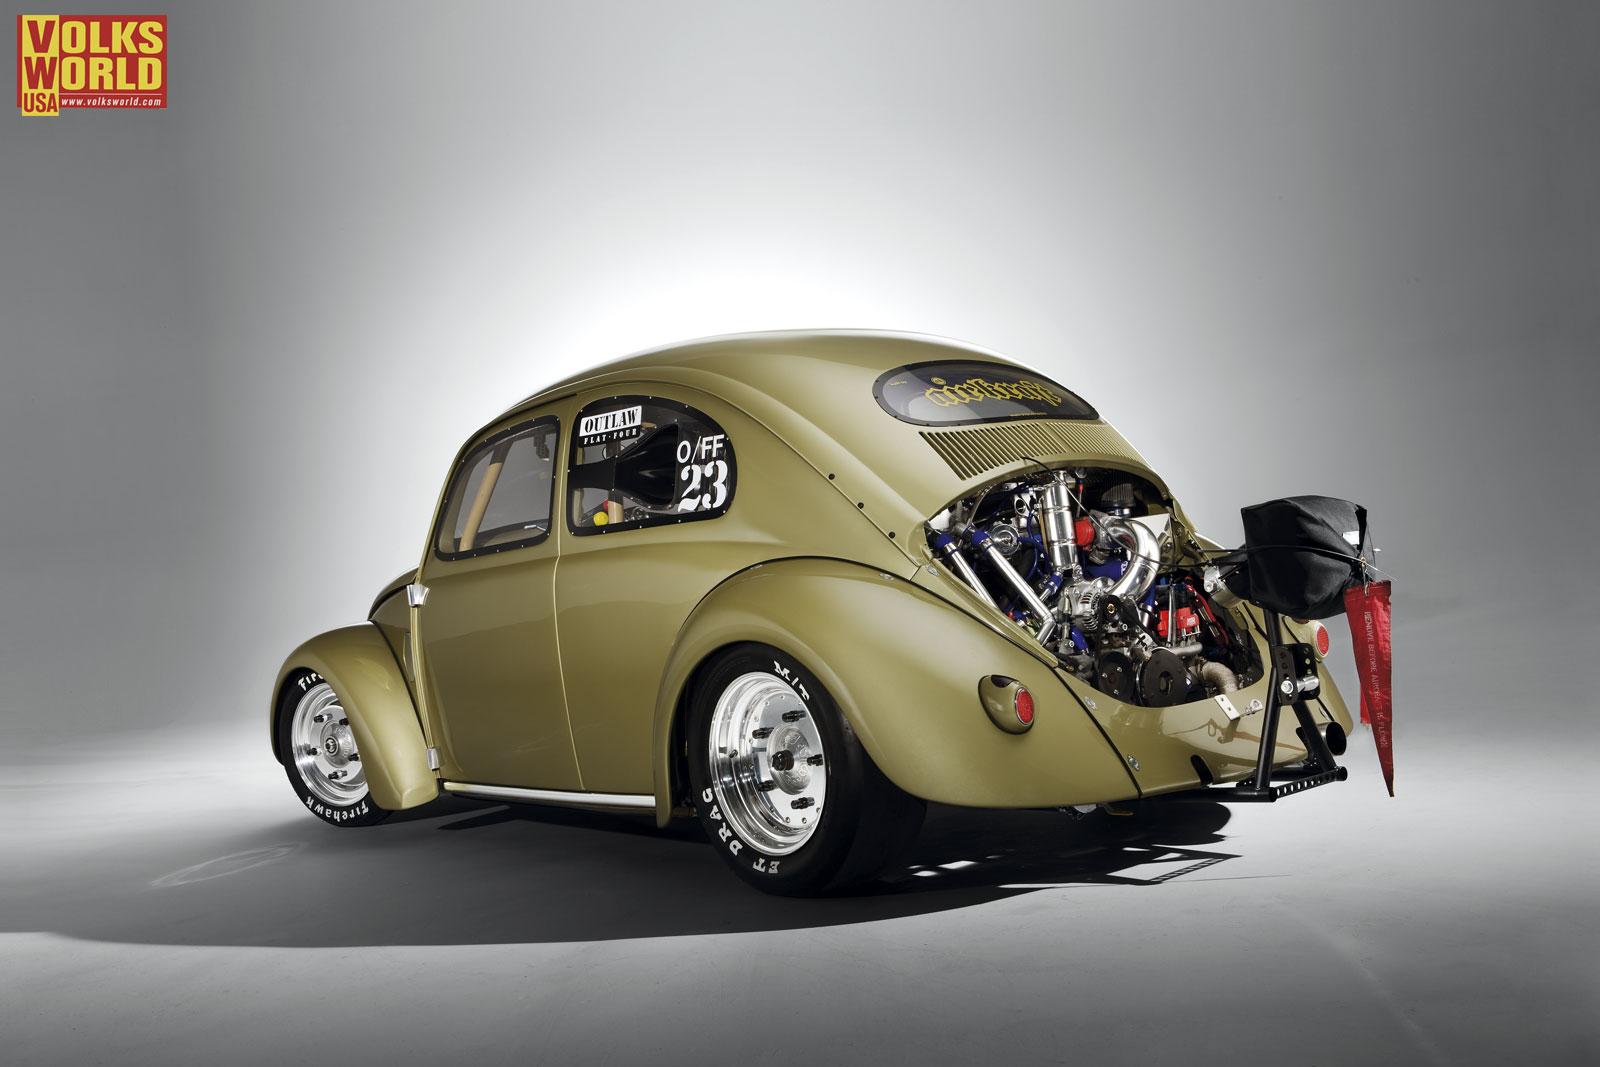 http://1.bp.blogspot.com/_V_pjFqHW8Ig/TPbGwRjXJwI/AAAAAAAAB4A/jjNetbRgcNQ/s1600/vw-beetle-56-oval-wallpaper-03.jpg